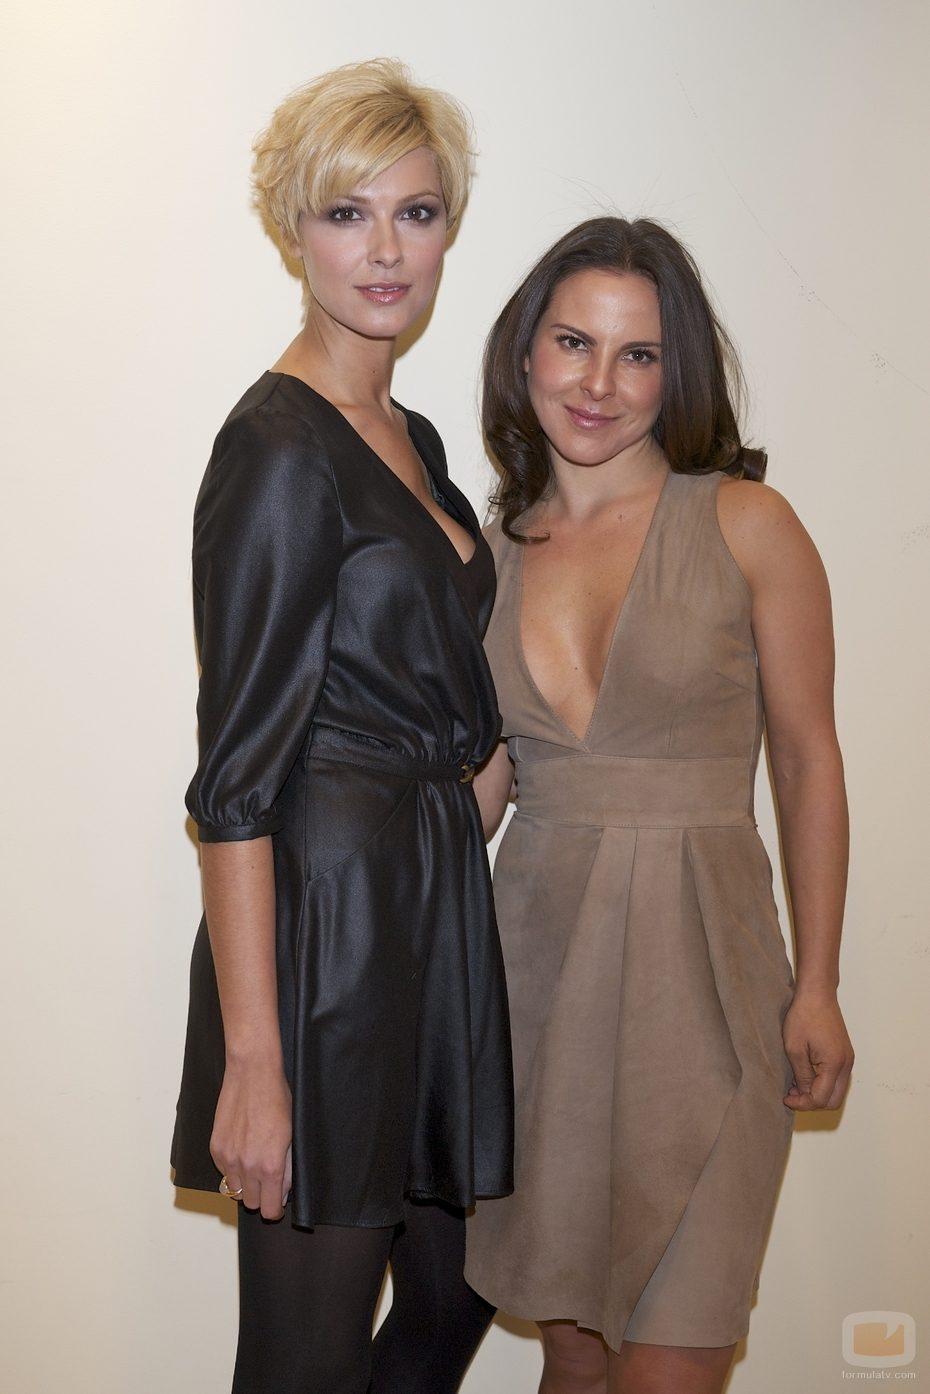 ... del Castillo y Cristina Urgel, protagonistas de 'La reina del Sur